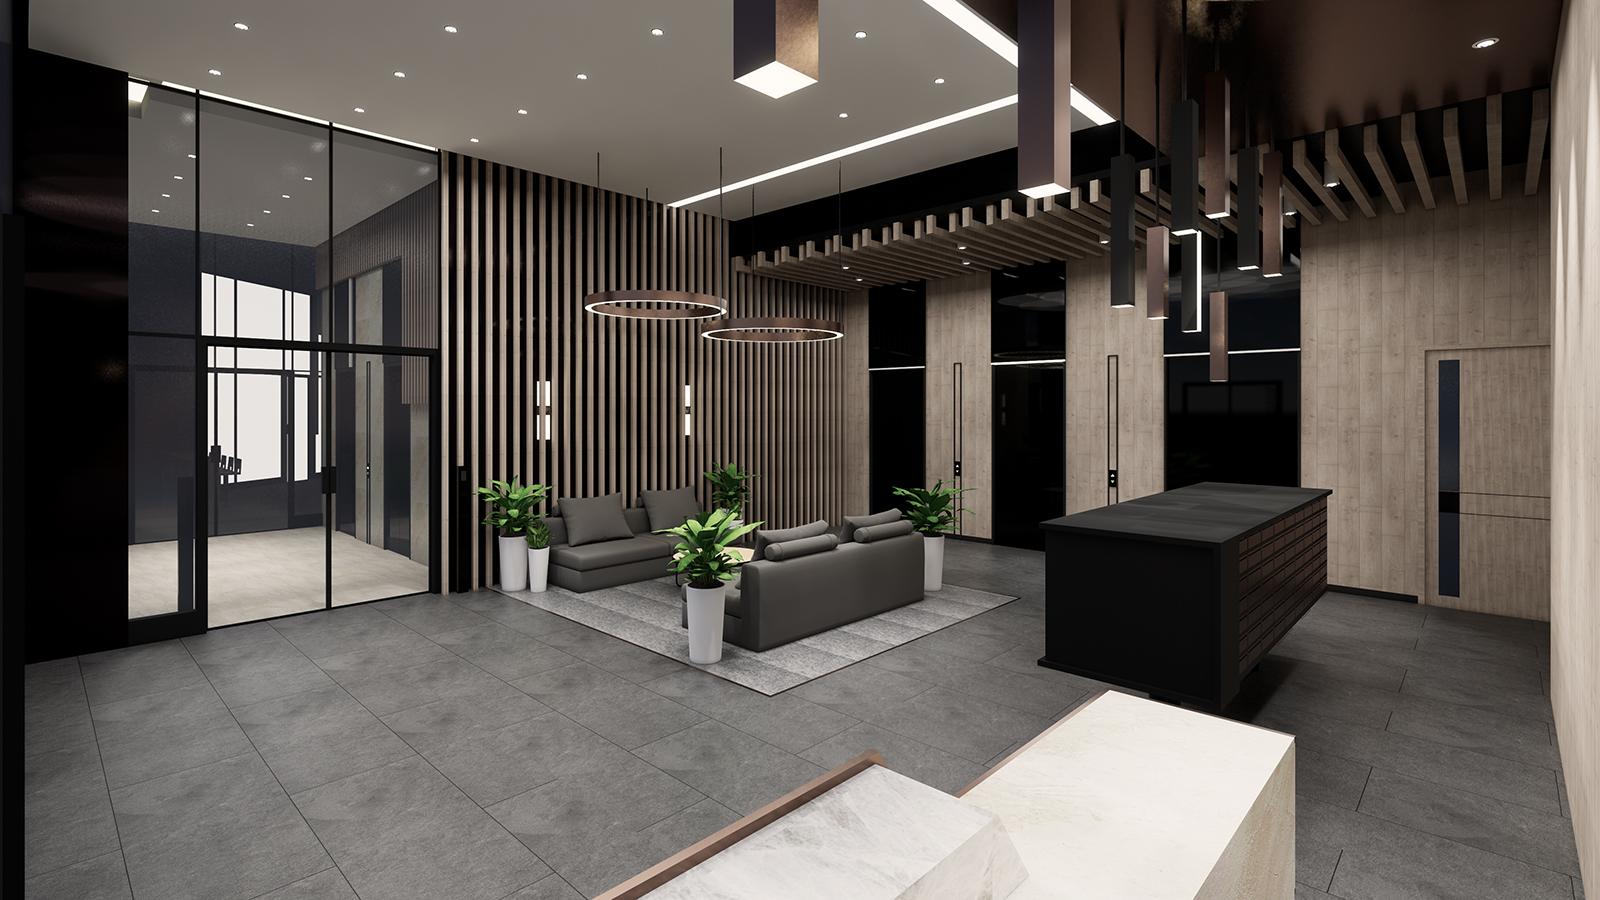 香港大學西高山校园重建计划